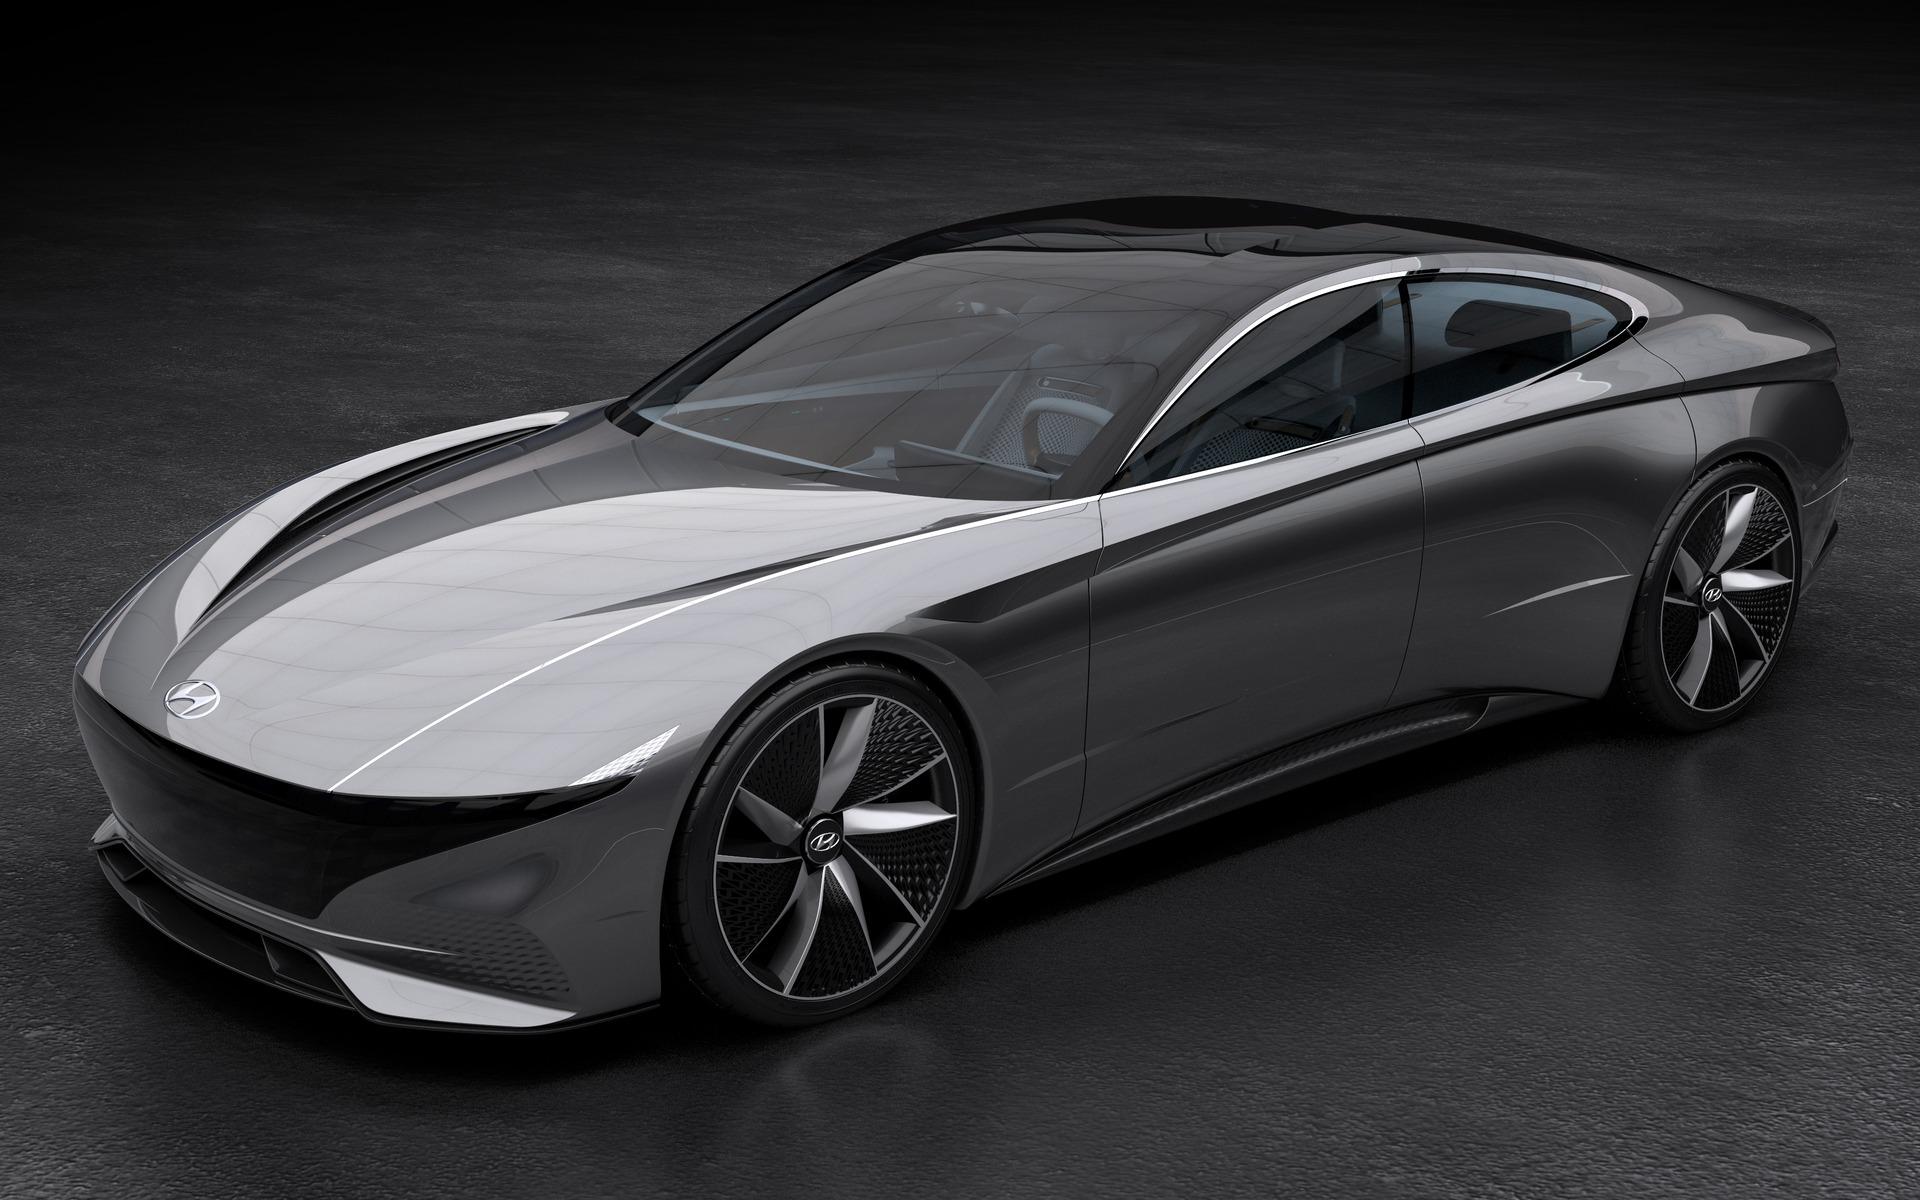 Hyundai Le Fil Rouge Concept